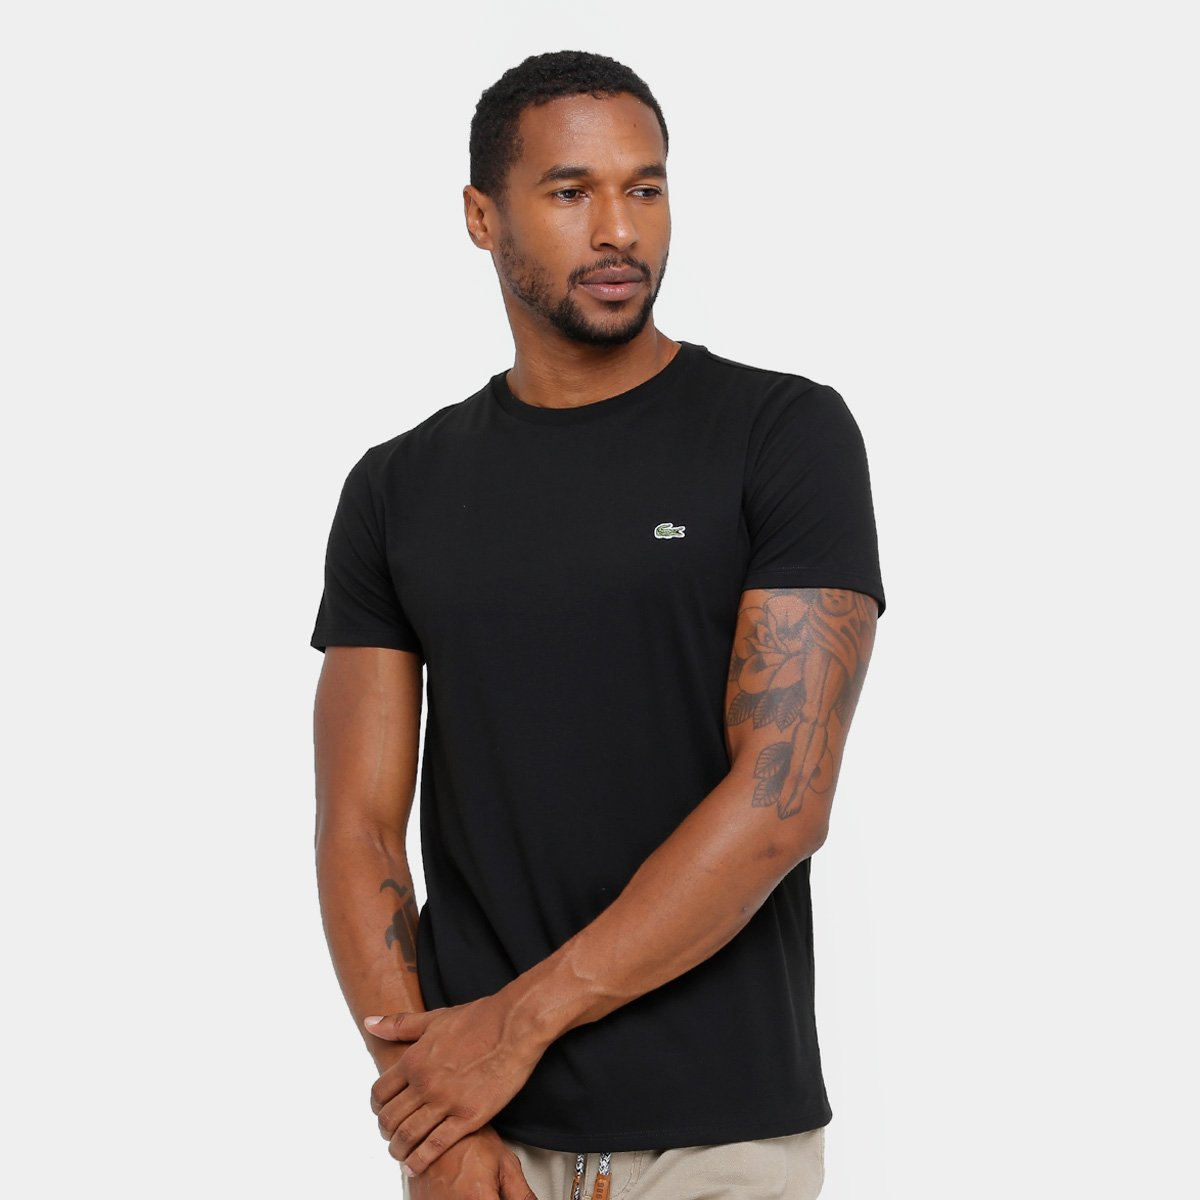 6ded641d0a2 Camiseta Lacoste Básica Jersey Masculina - Preto - Compre Agora ...